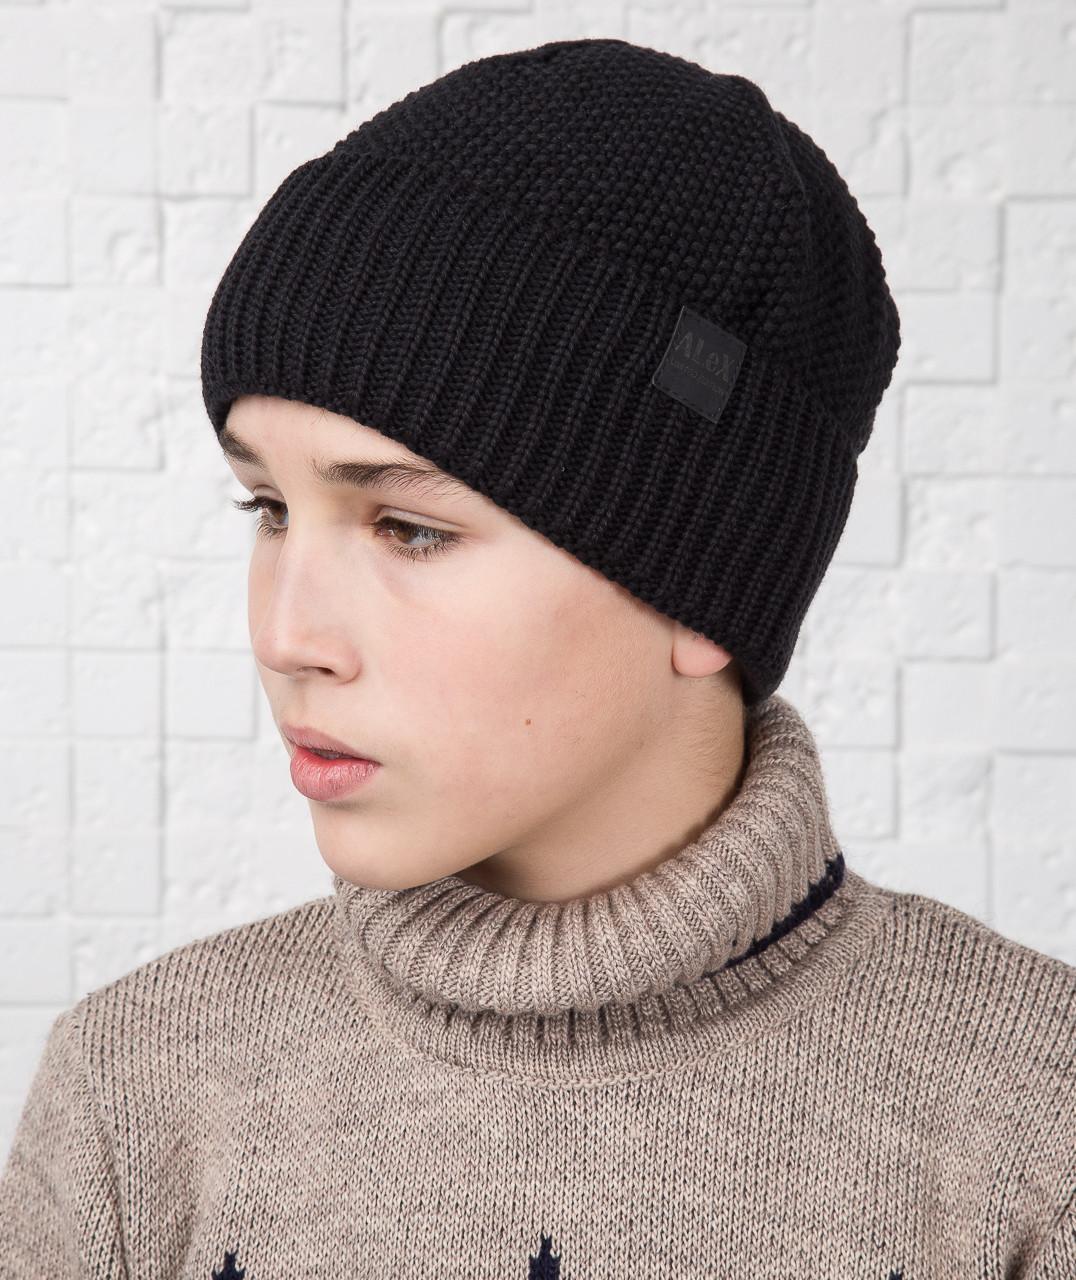 Вязаная шапка для мальчика подростка на флисе зима 2018 - Артикул AL17036